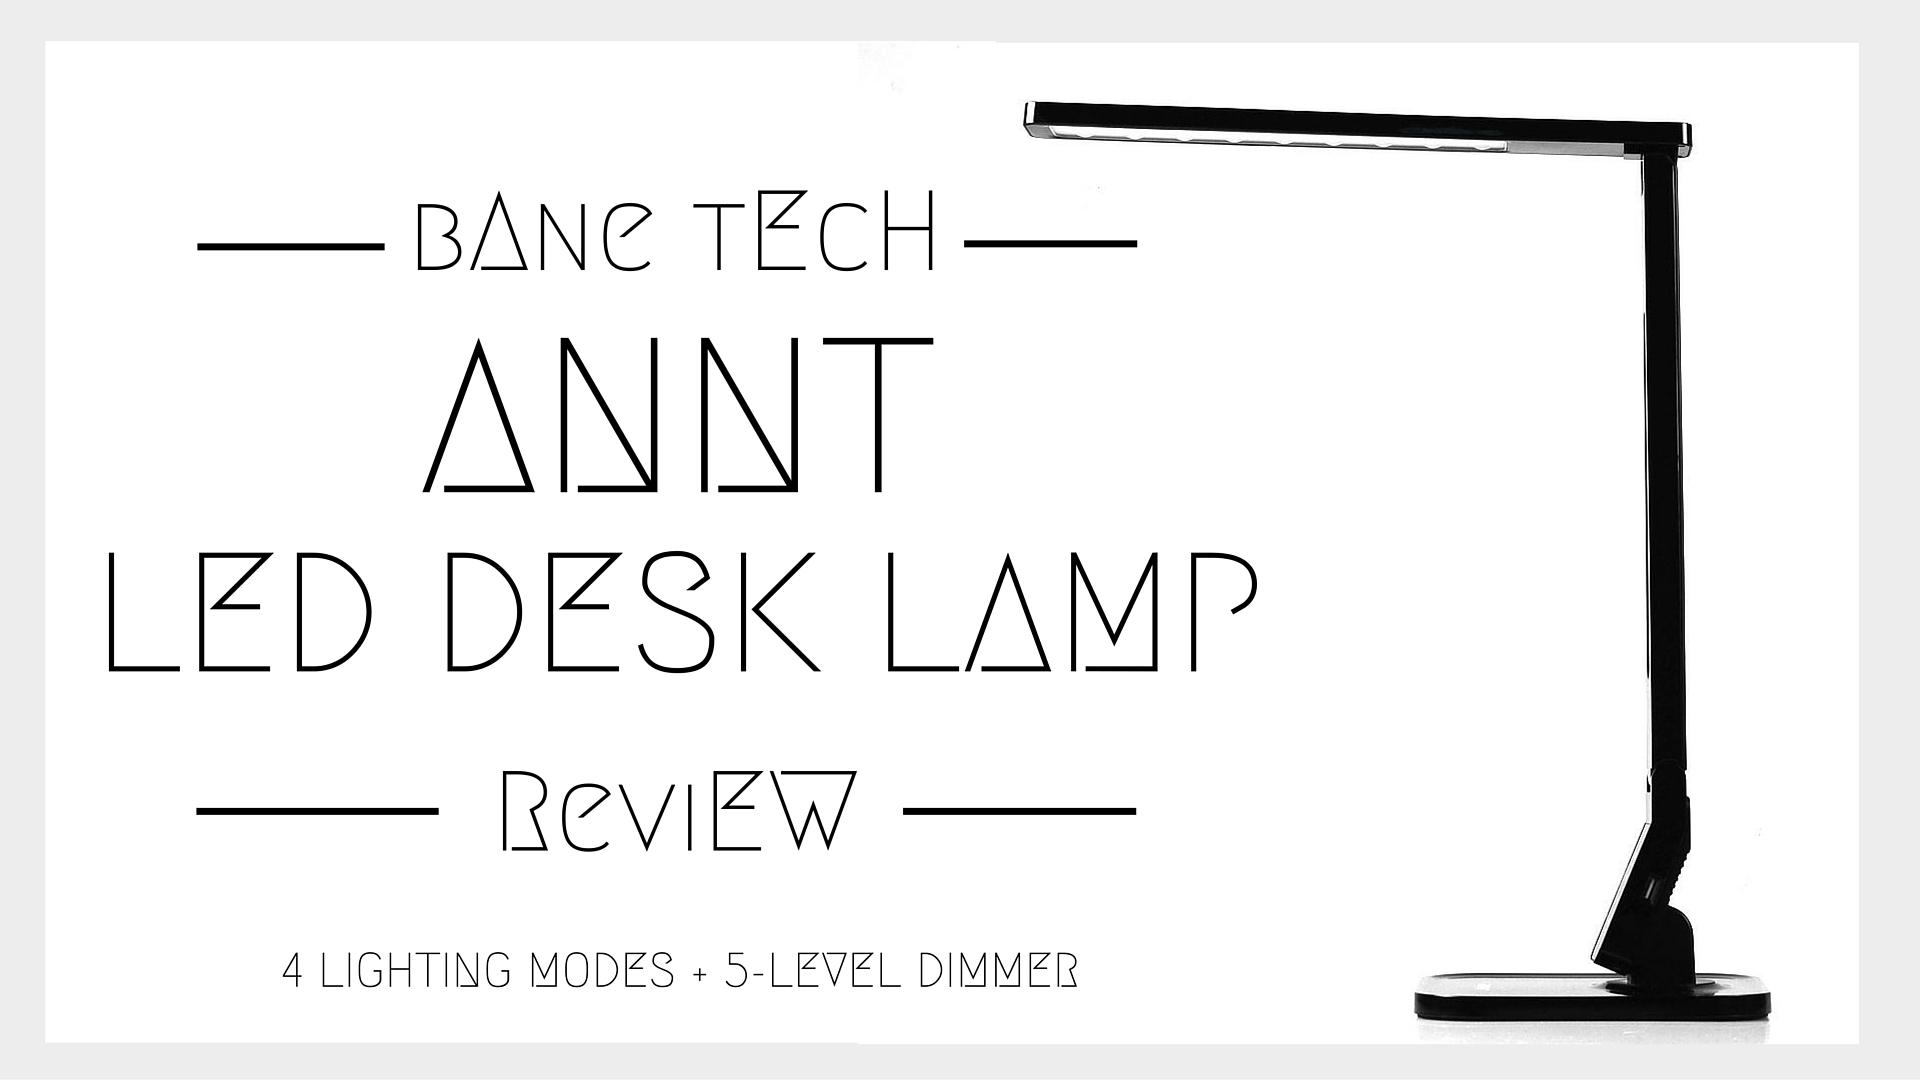 Annt Led Desk Lamp Review Bane Tech